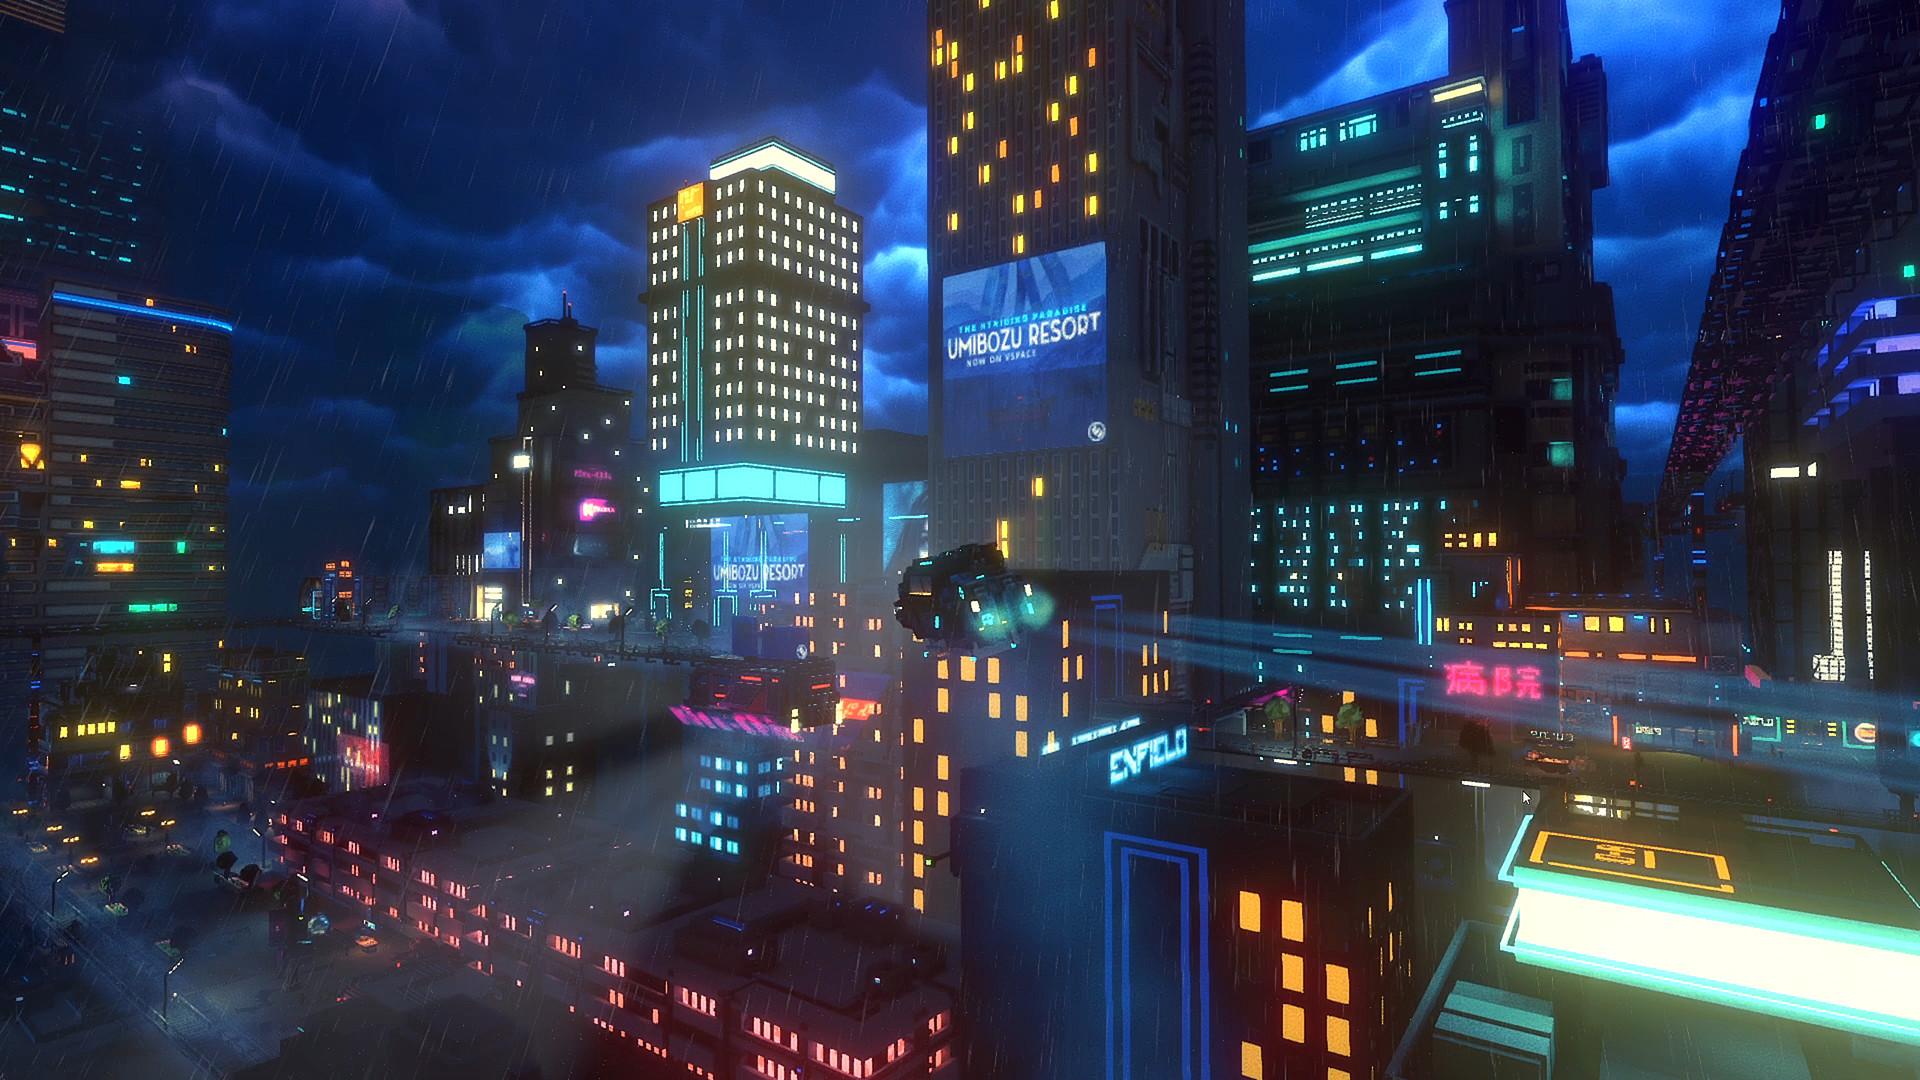 cloudpunk-pc-screenshot-01